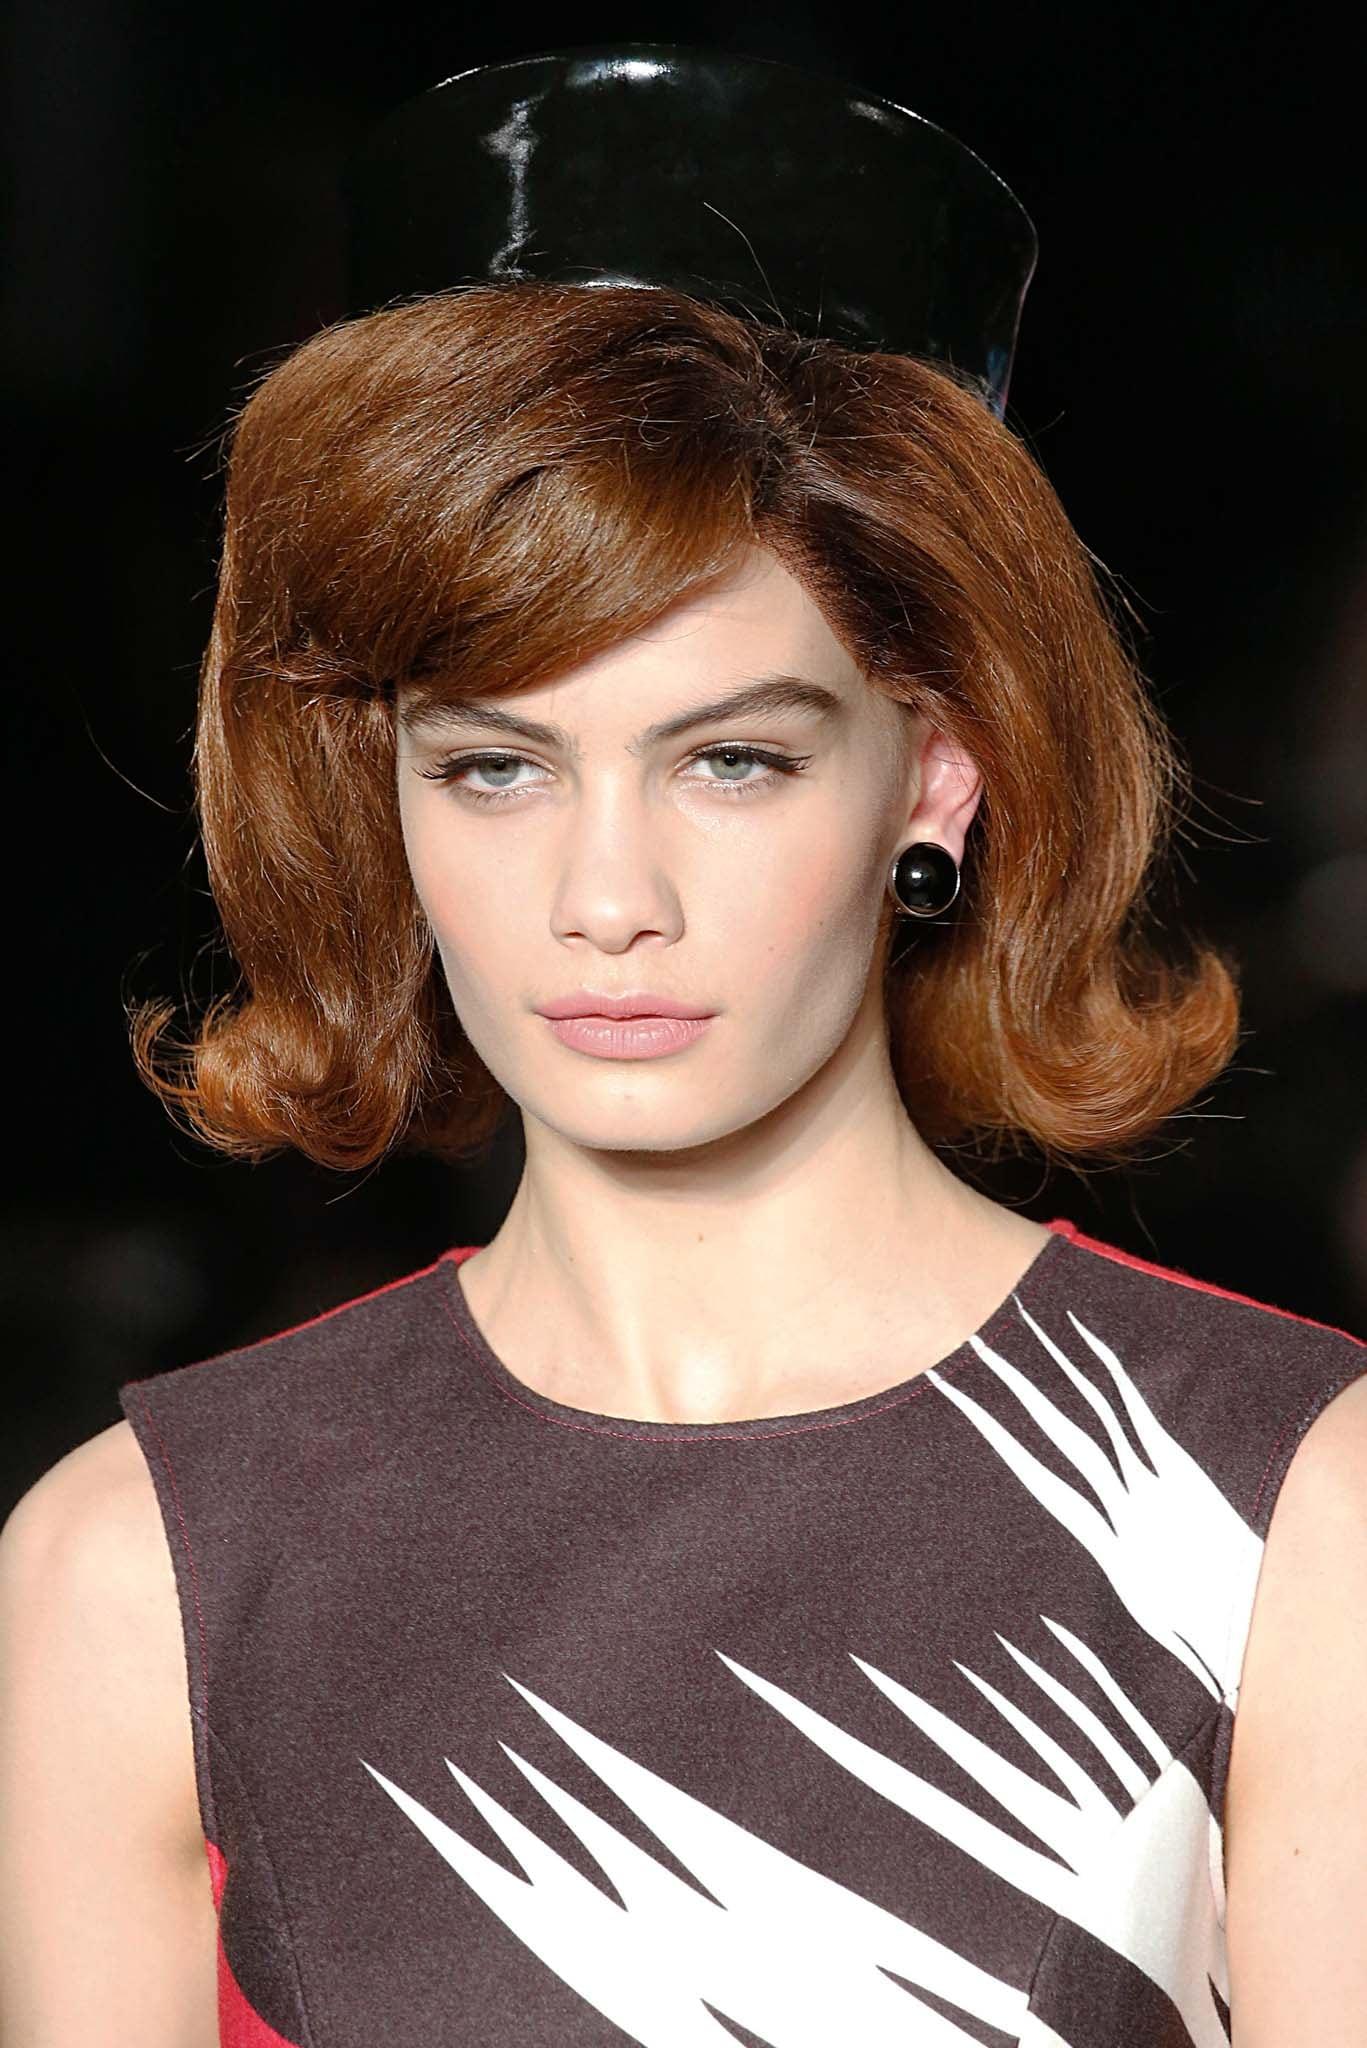 Mujer con cabello arriba de los hombros, peinado con las puntas hacia arriba